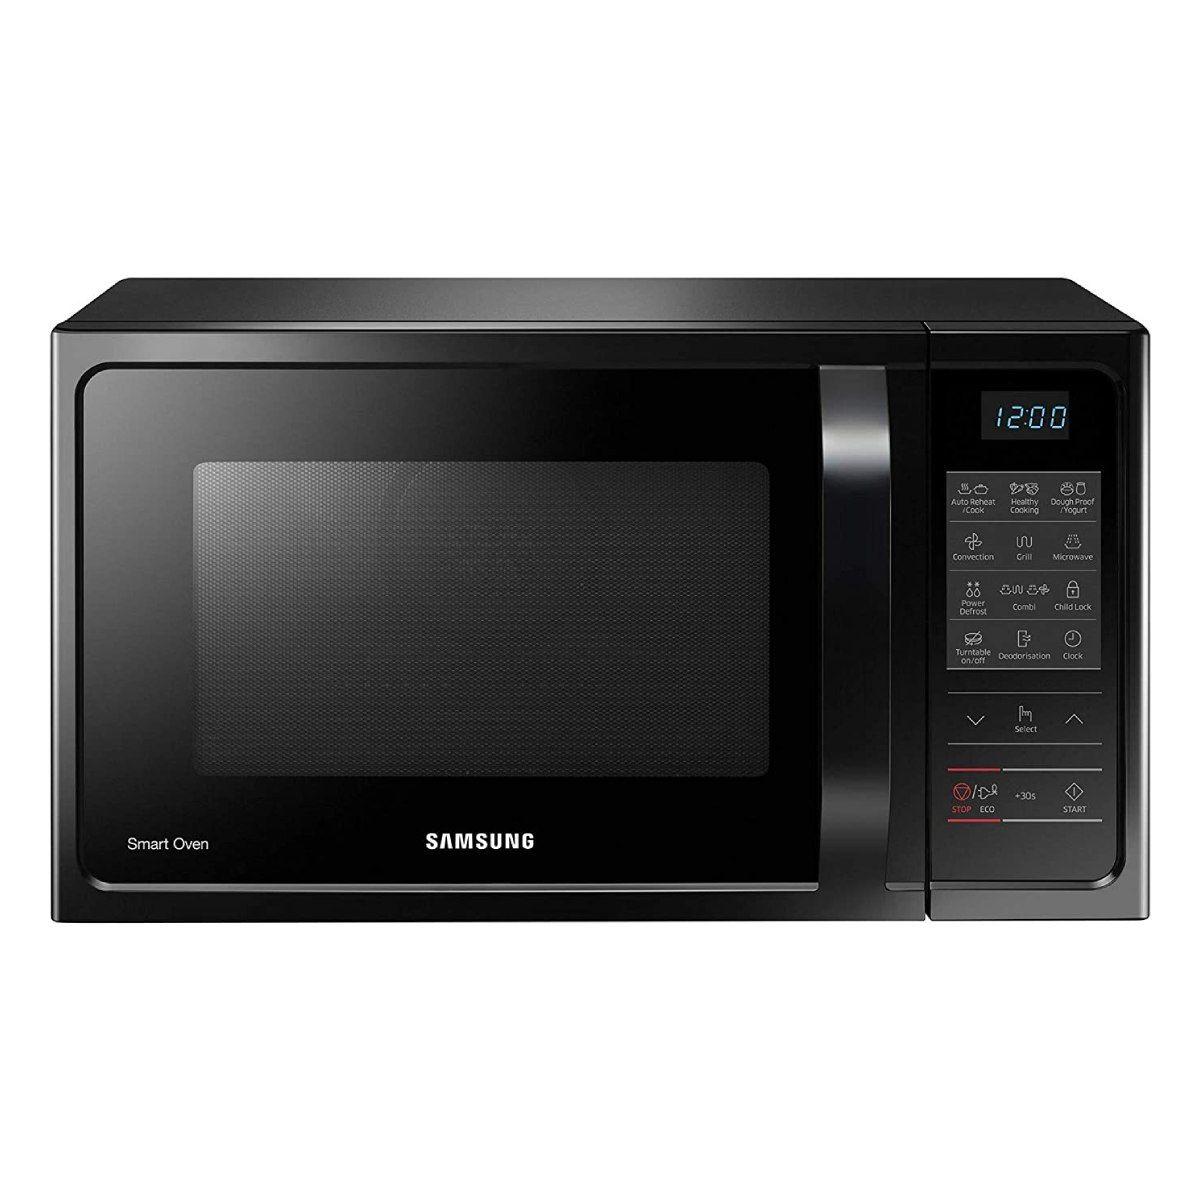 सॅमसंग MC28H5013AK/TL 28 L Convection Microwave Oven